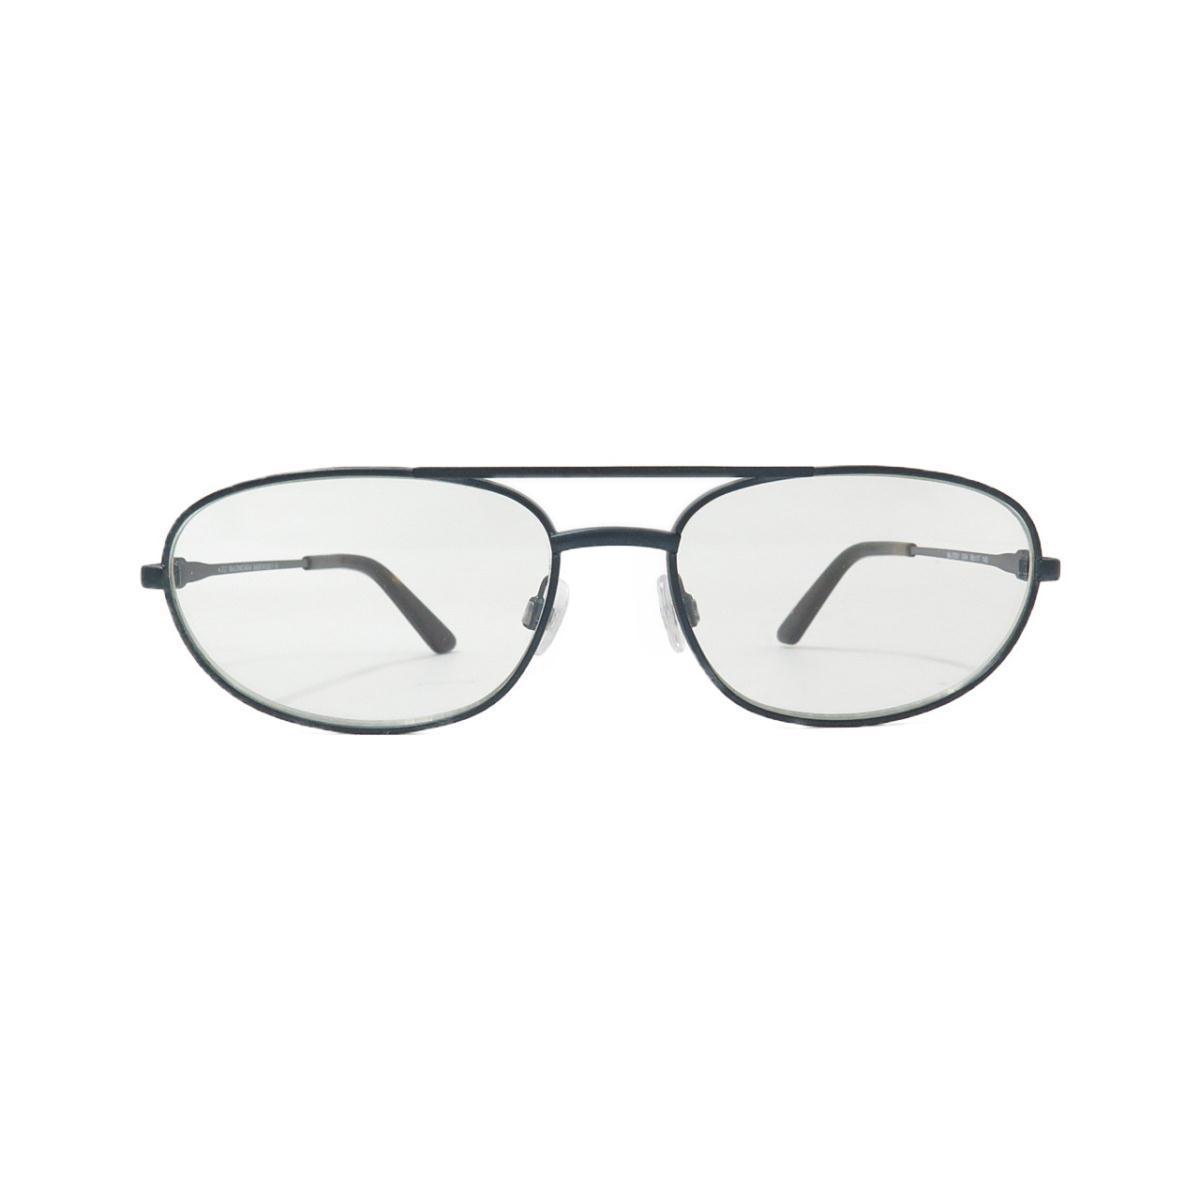 【新品】バレンシアガ メガネ 5091【新品】